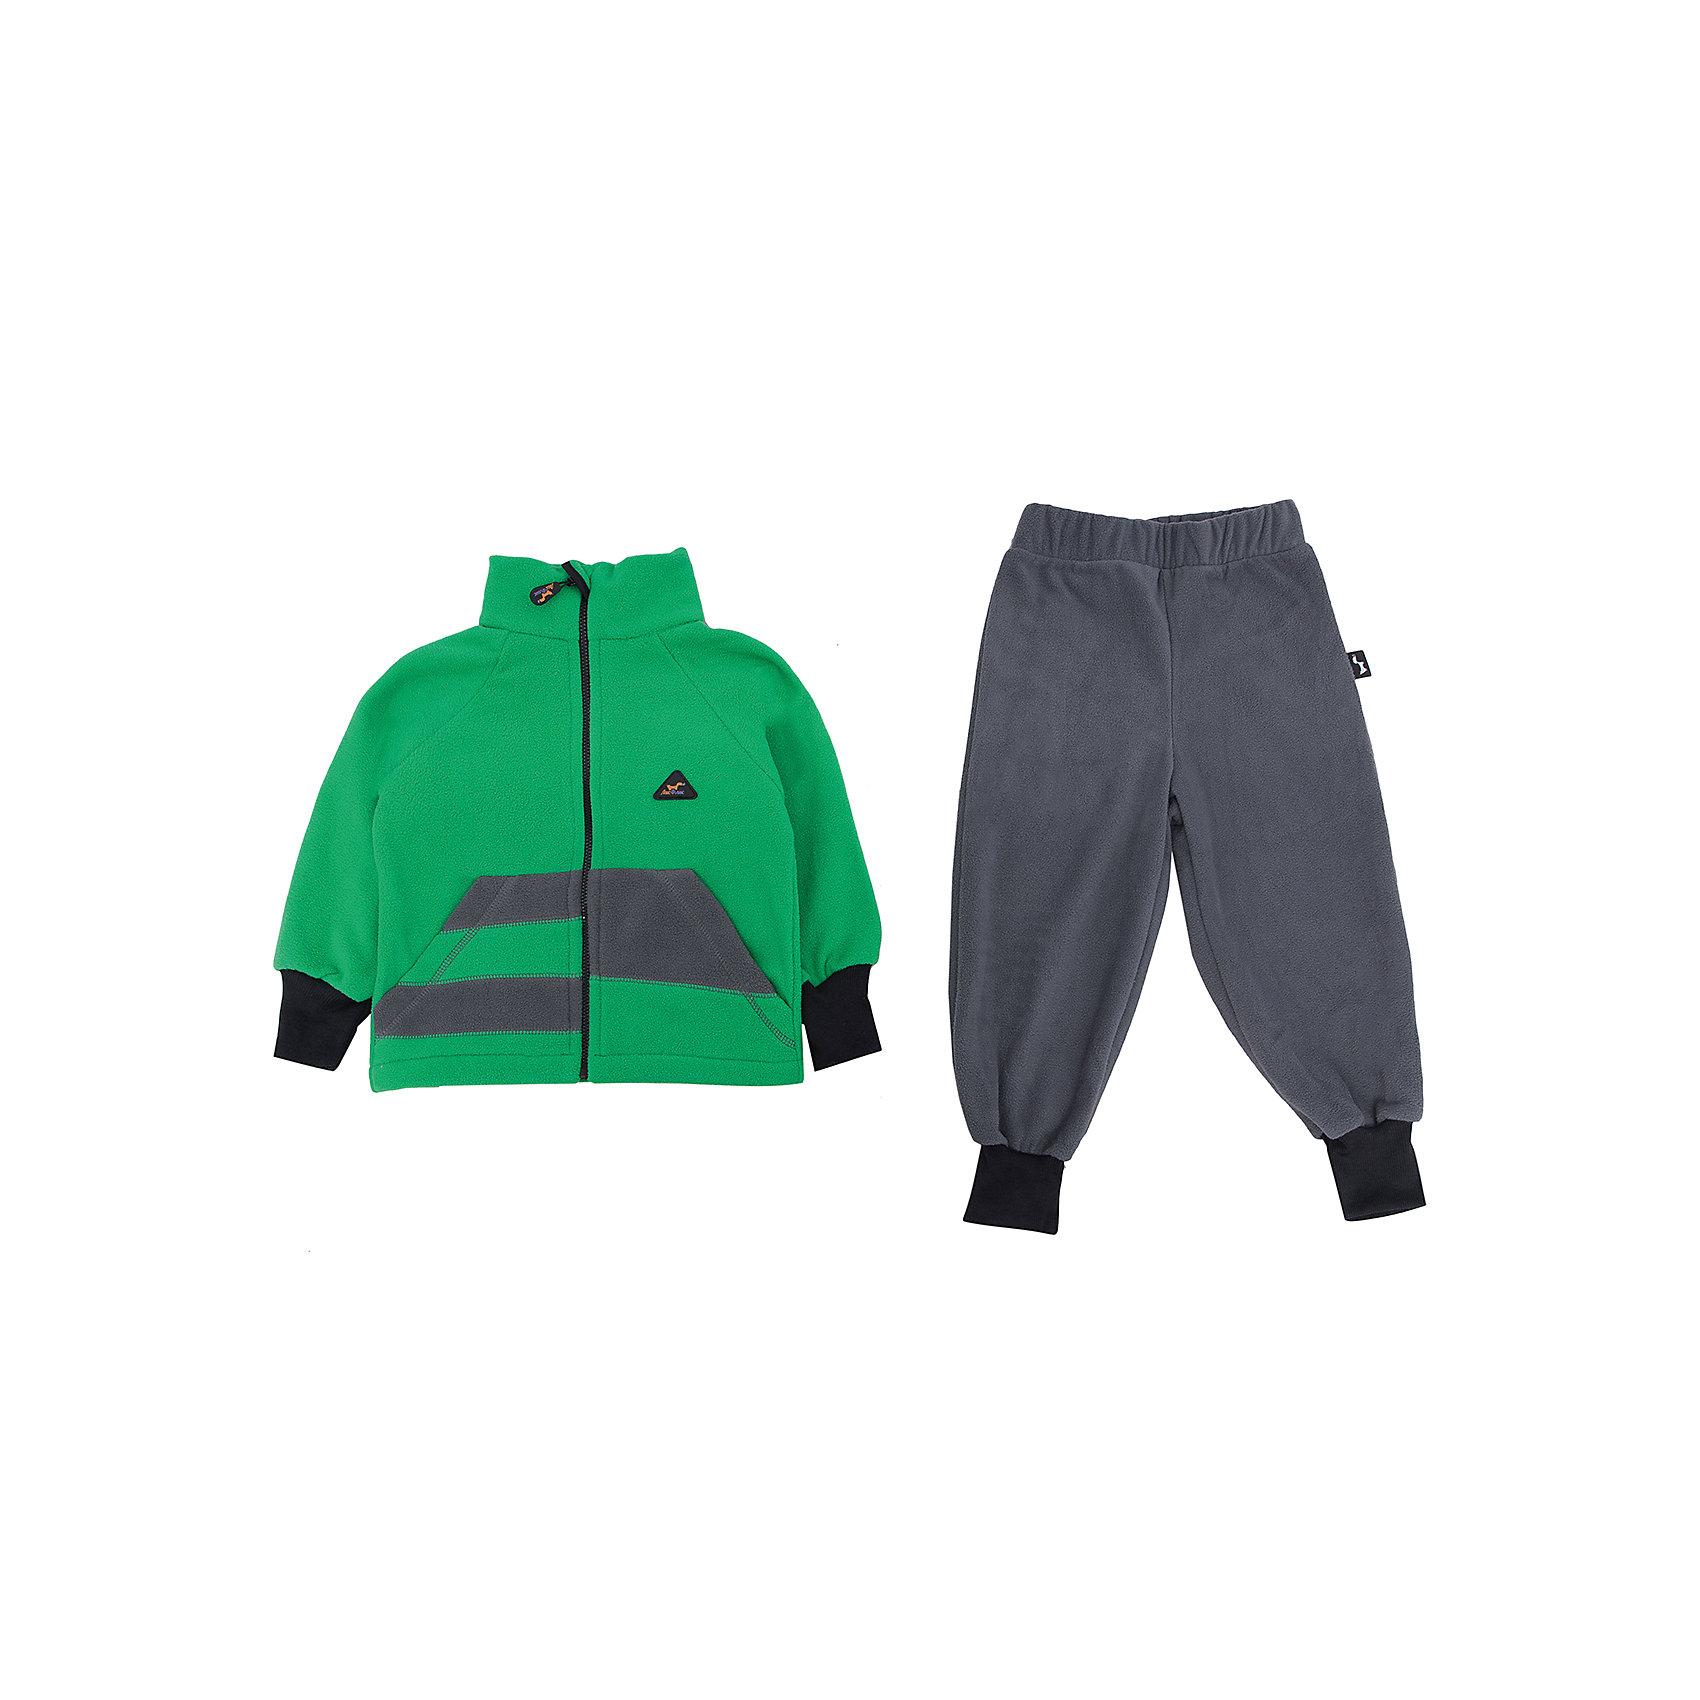 Комплект Полоска ЛисФлисХарактеристики комплекта Полоска:<br><br>- модель костюма: с брюками<br>- комплектация: кофта, штаны<br>- цвет: зеленый, серый<br>- пол: для мальчиков, для девочек <br>- длина рукава: длинные<br>- вид застежки: молния<br>- тип карманов: накладные<br>- покрой: прямой<br>- фактура материала: флис<br>- уход за вещами: предварительная стирка<br>- рисунок: без рисунка<br>- утеплитель: без утепления<br>- назначение: повседневная<br>- сезон: круглогодичный<br>- страна бренда: Россия<br>- страна производитель: Россия<br><br>Комплект Полоска торговой марки ЛисФлис - это очень мягкое, легкое, теплое изделие! Комплект выполнен из двустороннего микрофлиса (180 гр.) с манжетами на рукавах и штанинах, защитой-стоппером от молнии и интересным дизайнерским решением на передней части кофты.<br><br>Комплект Полоска торговой марки ЛисФлис можно купить в нашем интернет-магазине.<br><br>Ширина мм: 190<br>Глубина мм: 74<br>Высота мм: 229<br>Вес г: 236<br>Цвет: grau/gr?n<br>Возраст от месяцев: 48<br>Возраст до месяцев: 60<br>Пол: Мужской<br>Возраст: Детский<br>Размер: 110,80,86,92,98,104,116,122,128,134<br>SKU: 4939388